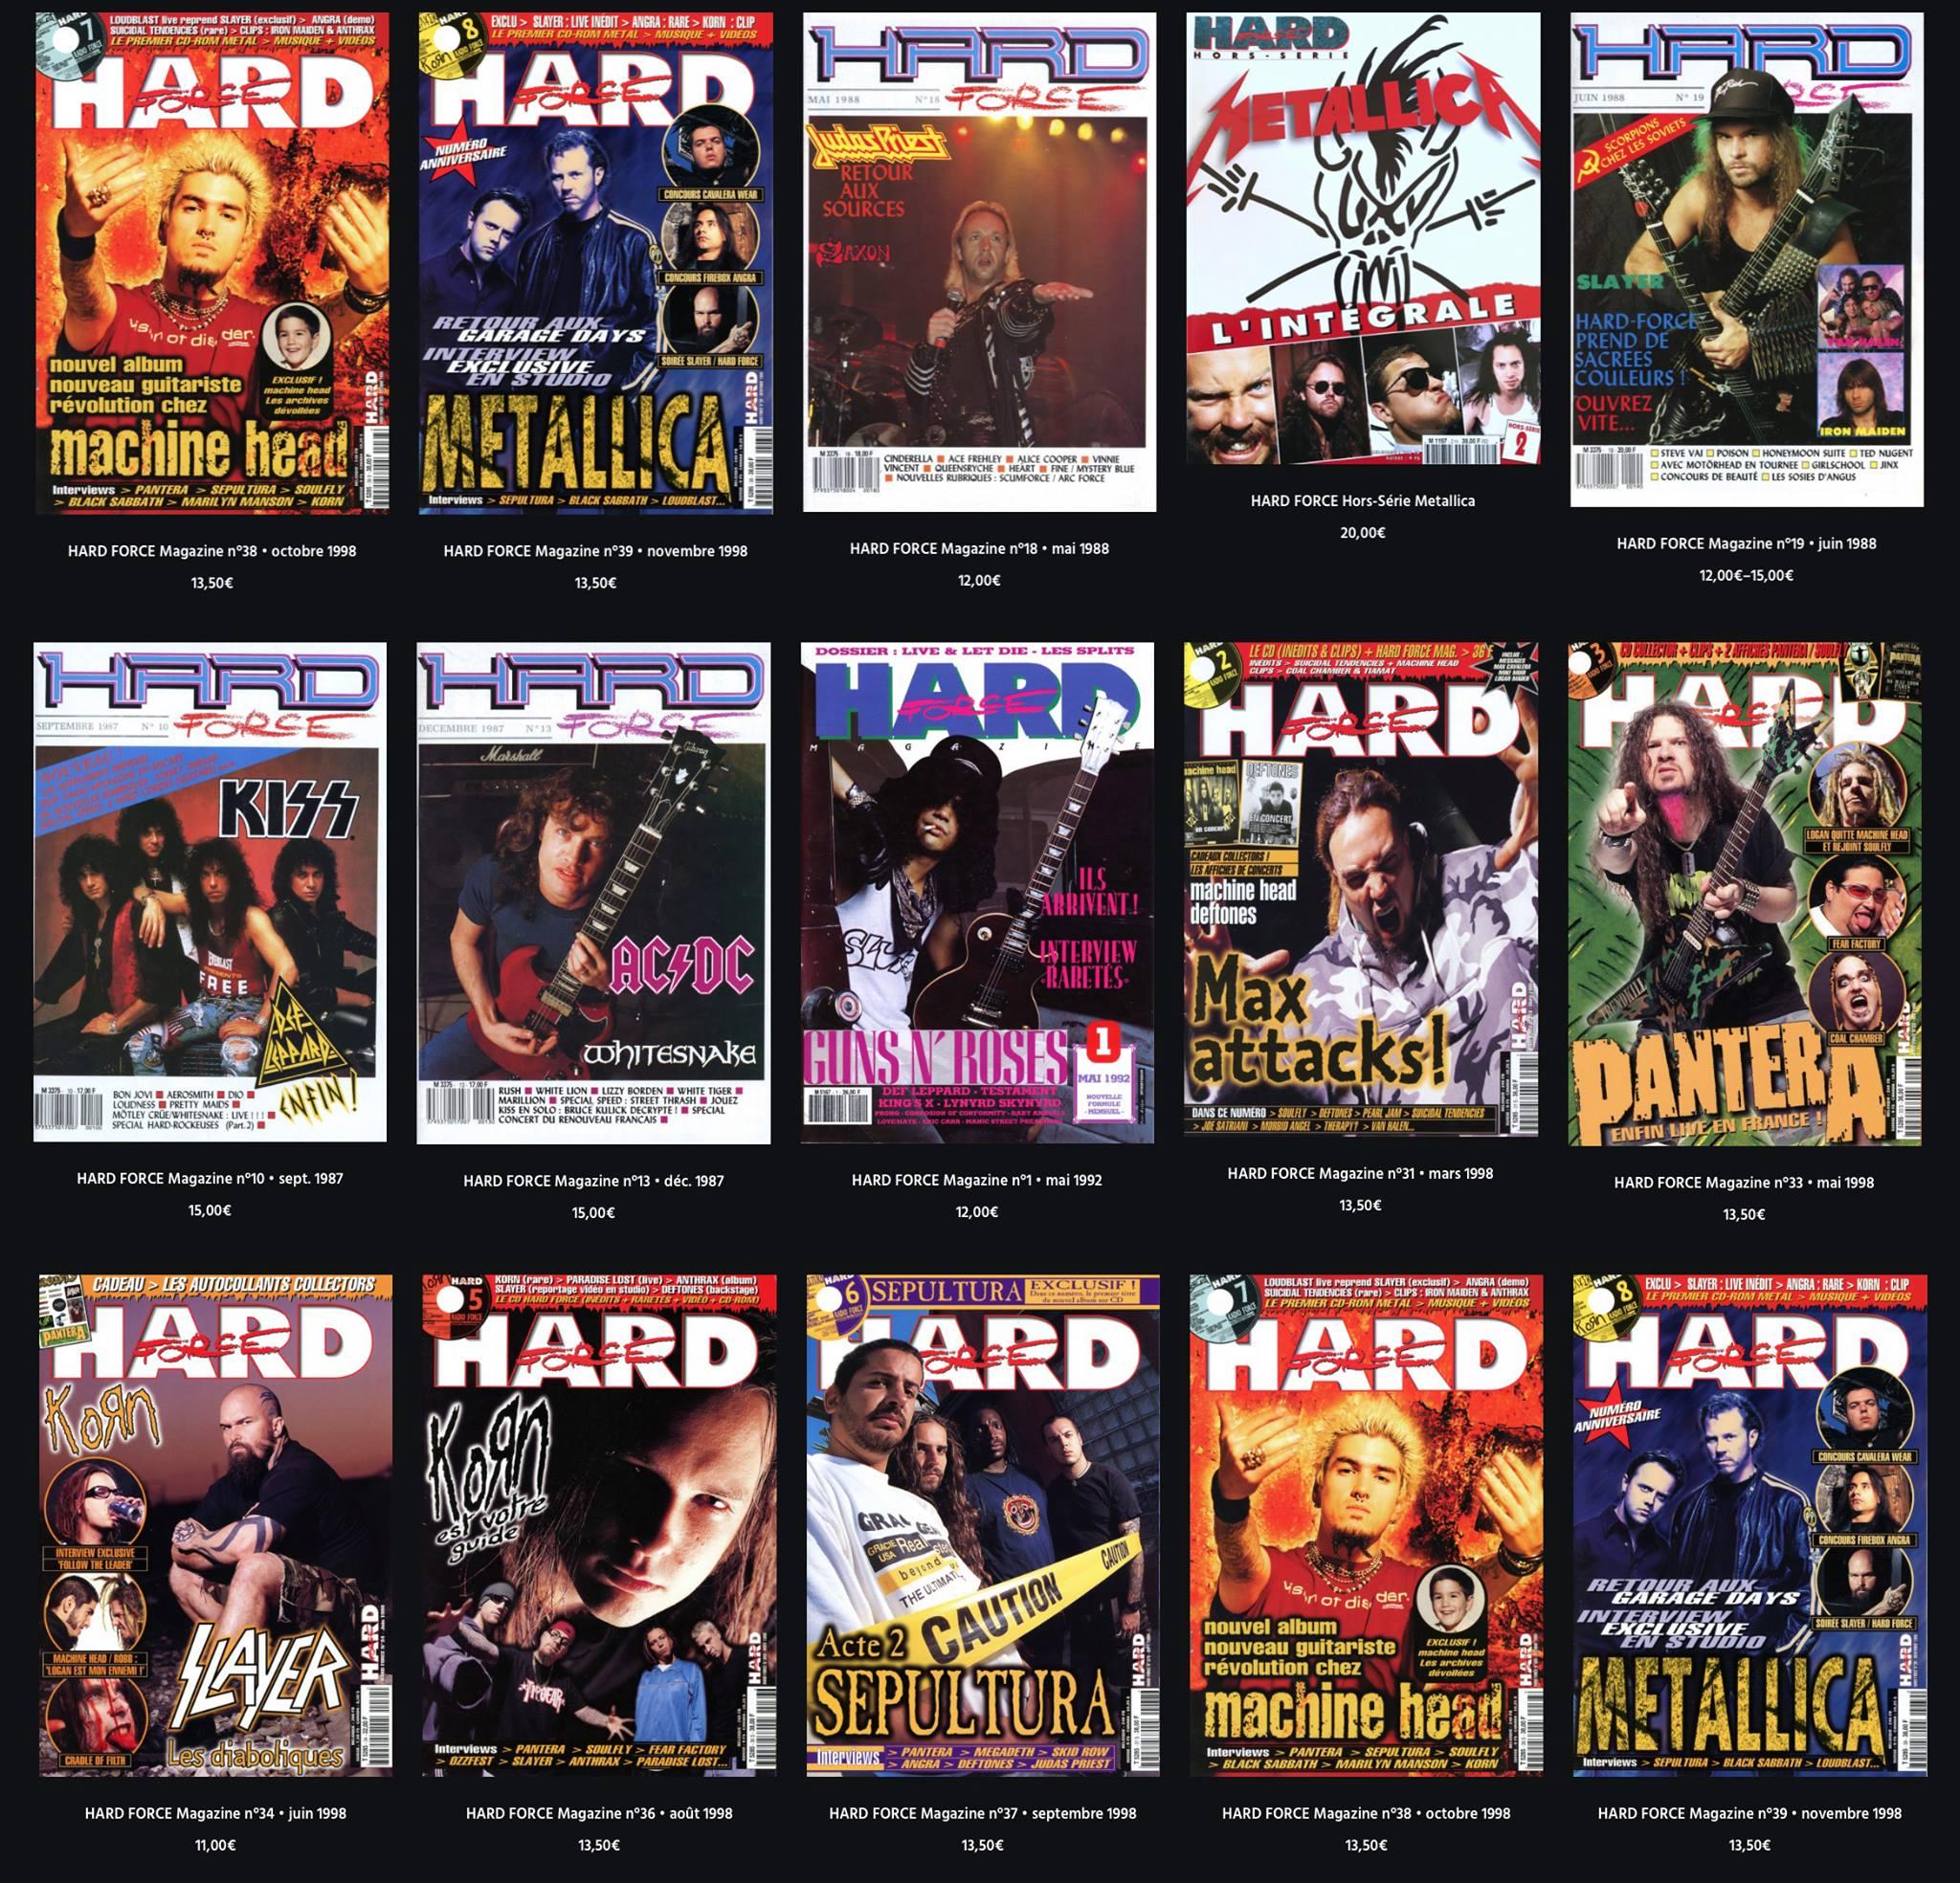 Hard Force Magazine